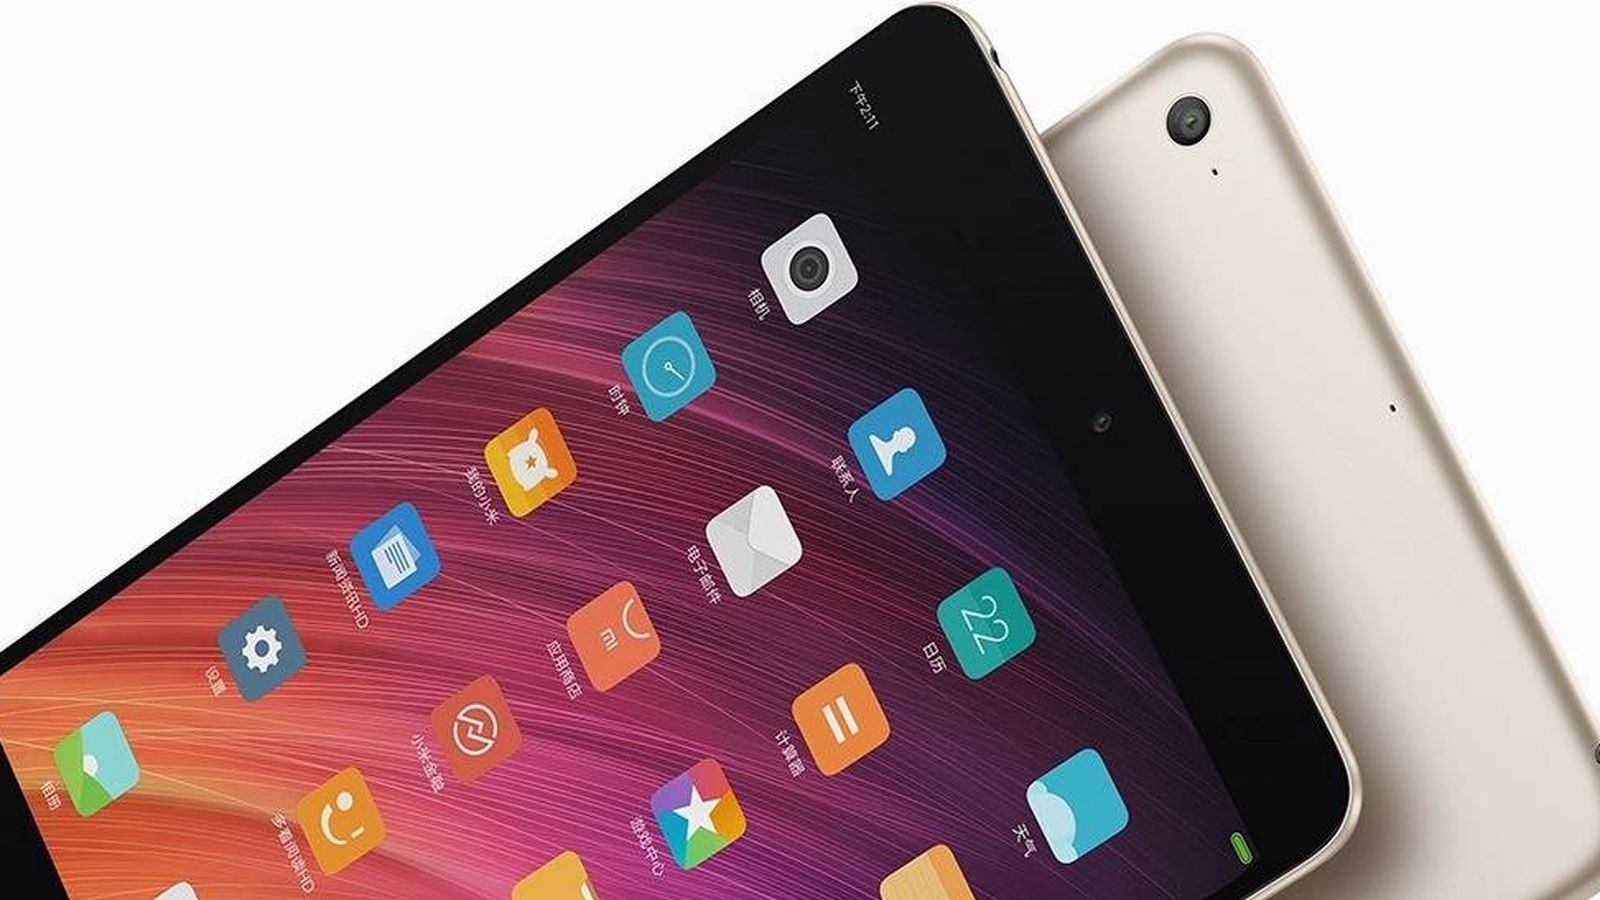 Foto: Cuesta 220 dólares, algo más de la mitad del precio de un iPad. (Xiaomi)